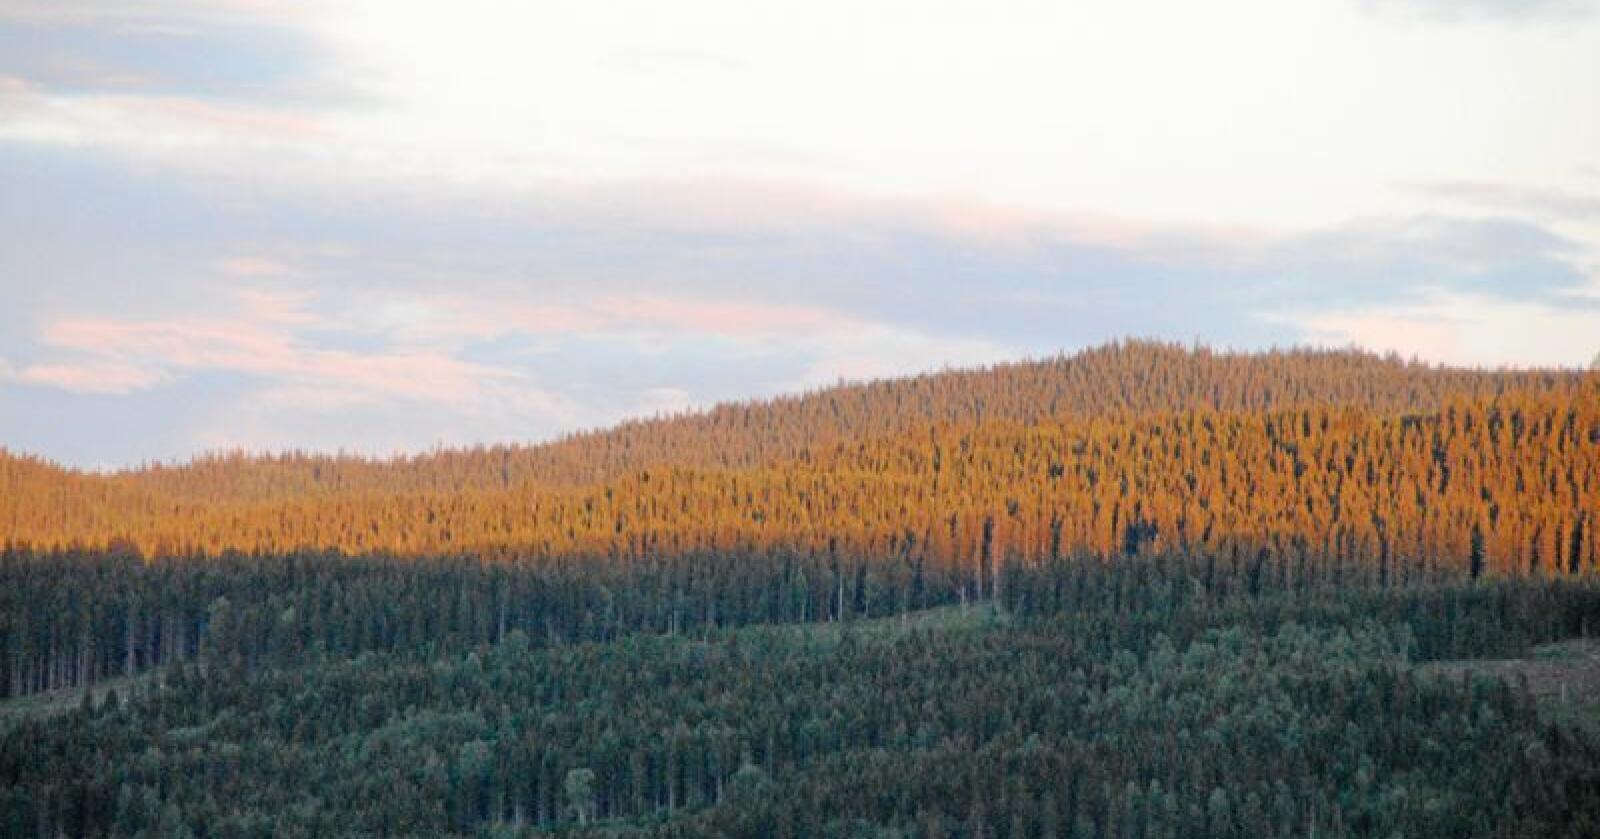 Skogen tar opp og binder en stor mengde CO2, og er dermed viktig i kampen for å redusere klimagassutslippene. Foto: Lars Bilit Hagen